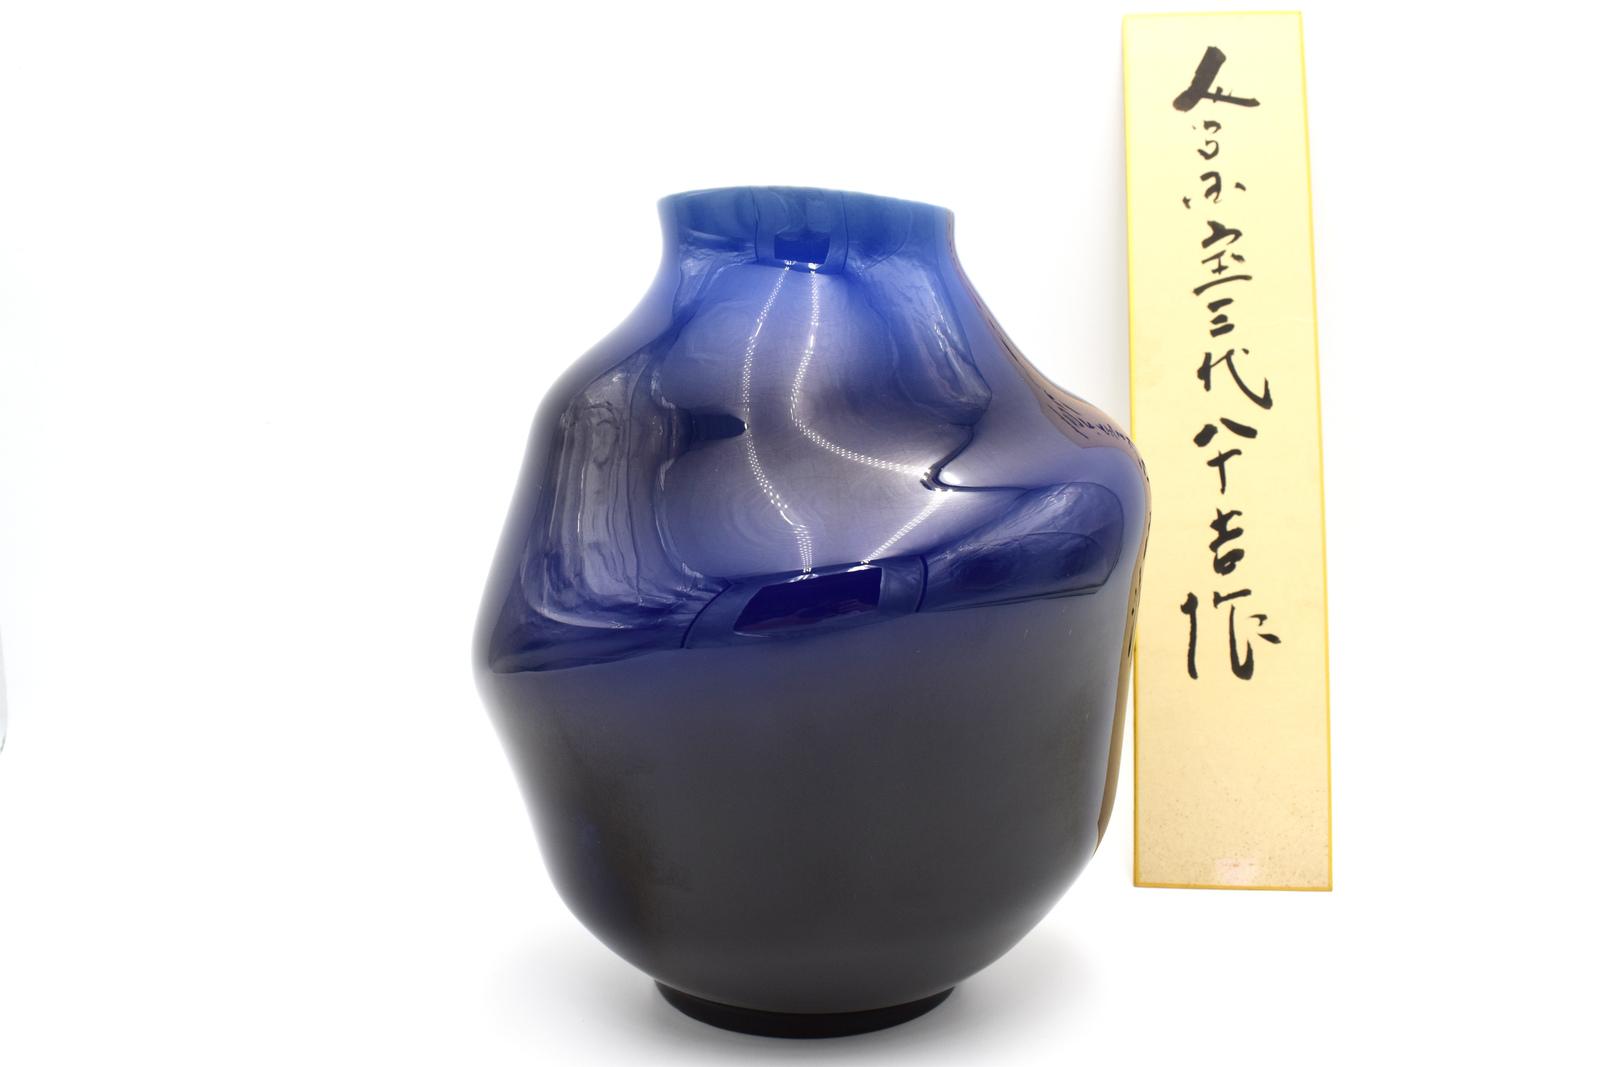 九谷焼 三代目徳田八十吉 ひねり花瓶